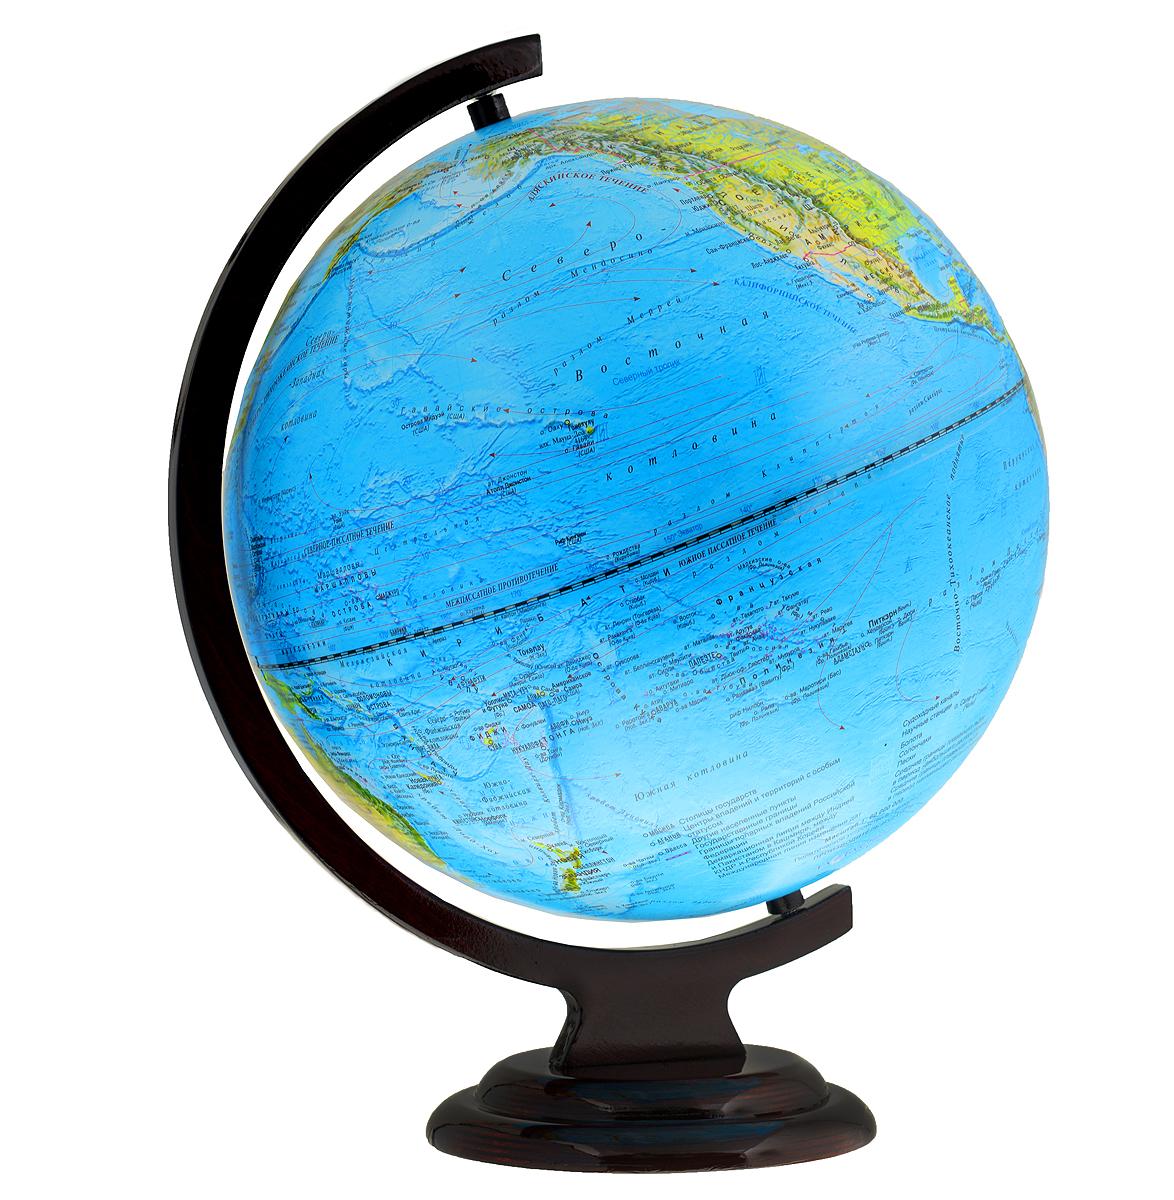 Глобус настольный, с физической картой мира диаметр 32 см. 10245FS-00897Глобус физический изготовленный из высококачественного прочного пластика, показывает географические особенности нашей планеты Земля: горы, леса, пустыни, долины. Изделие расположено на деревянной подставке. На нем отображены картографические линии: параллели и меридианы, рельефы морского дна и суши. Глобус с физической картой мира станет незаменимым атрибутом обучения не только школьника, но и студента. Все названия на глобусе приведены на русском языке. Ничто так не обеспечивает всестороннего и детального изучения устройства мира в таком сжатом и объемном образе, как физический глобус. Сделайте первый шаг в стимулирование своего обучения!Масштаб: 1:40 000 000.